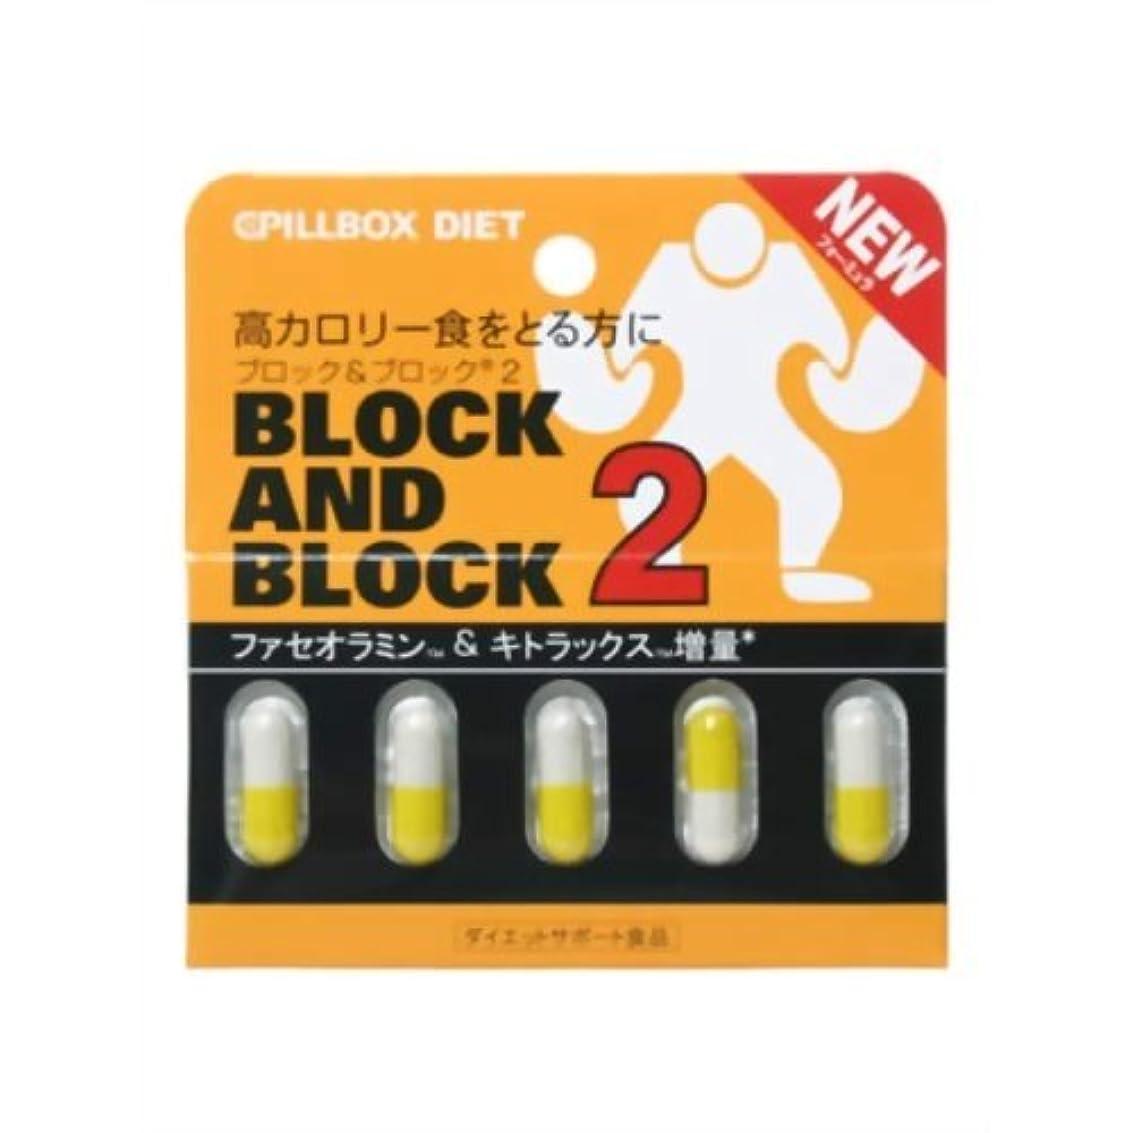 チェリーバラエティ初期のブロック&ブロック2 5カプセル